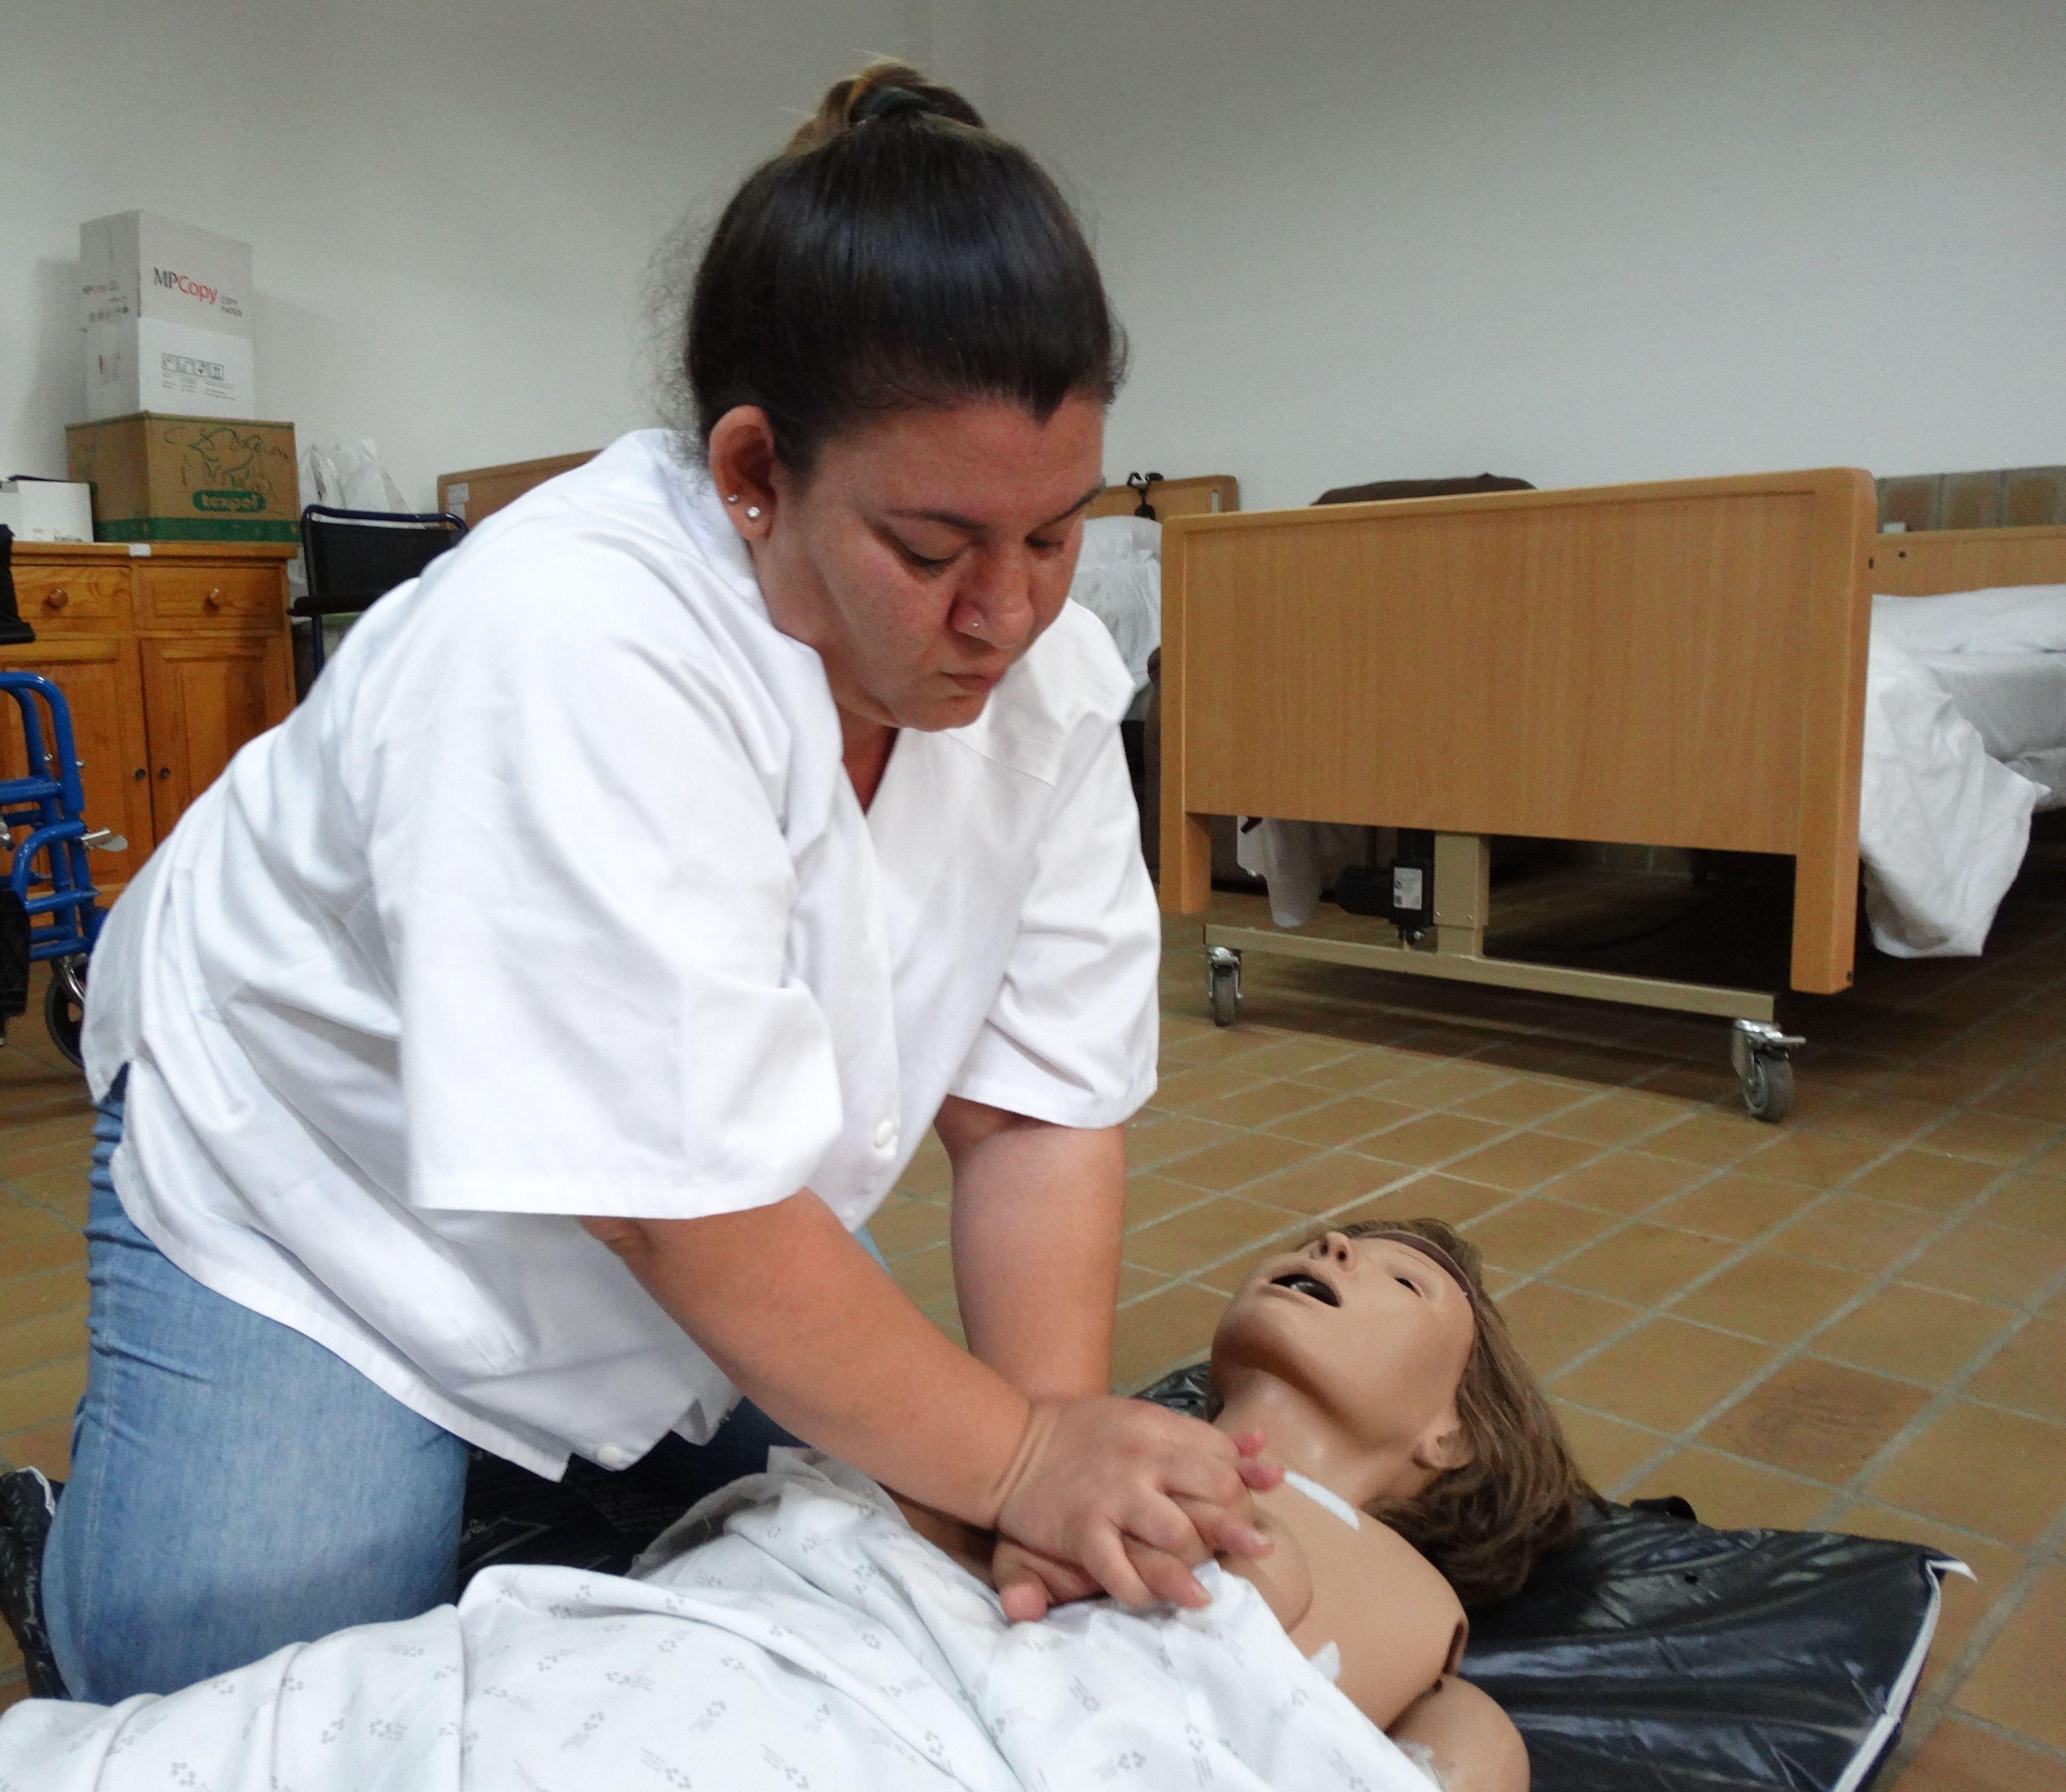 Foto 8 de Asociación sin ánimo de lucro especializada en la promoción de Igualdad de Oportunidades en Santa Cruz de Tenerife | Asociación Domitila